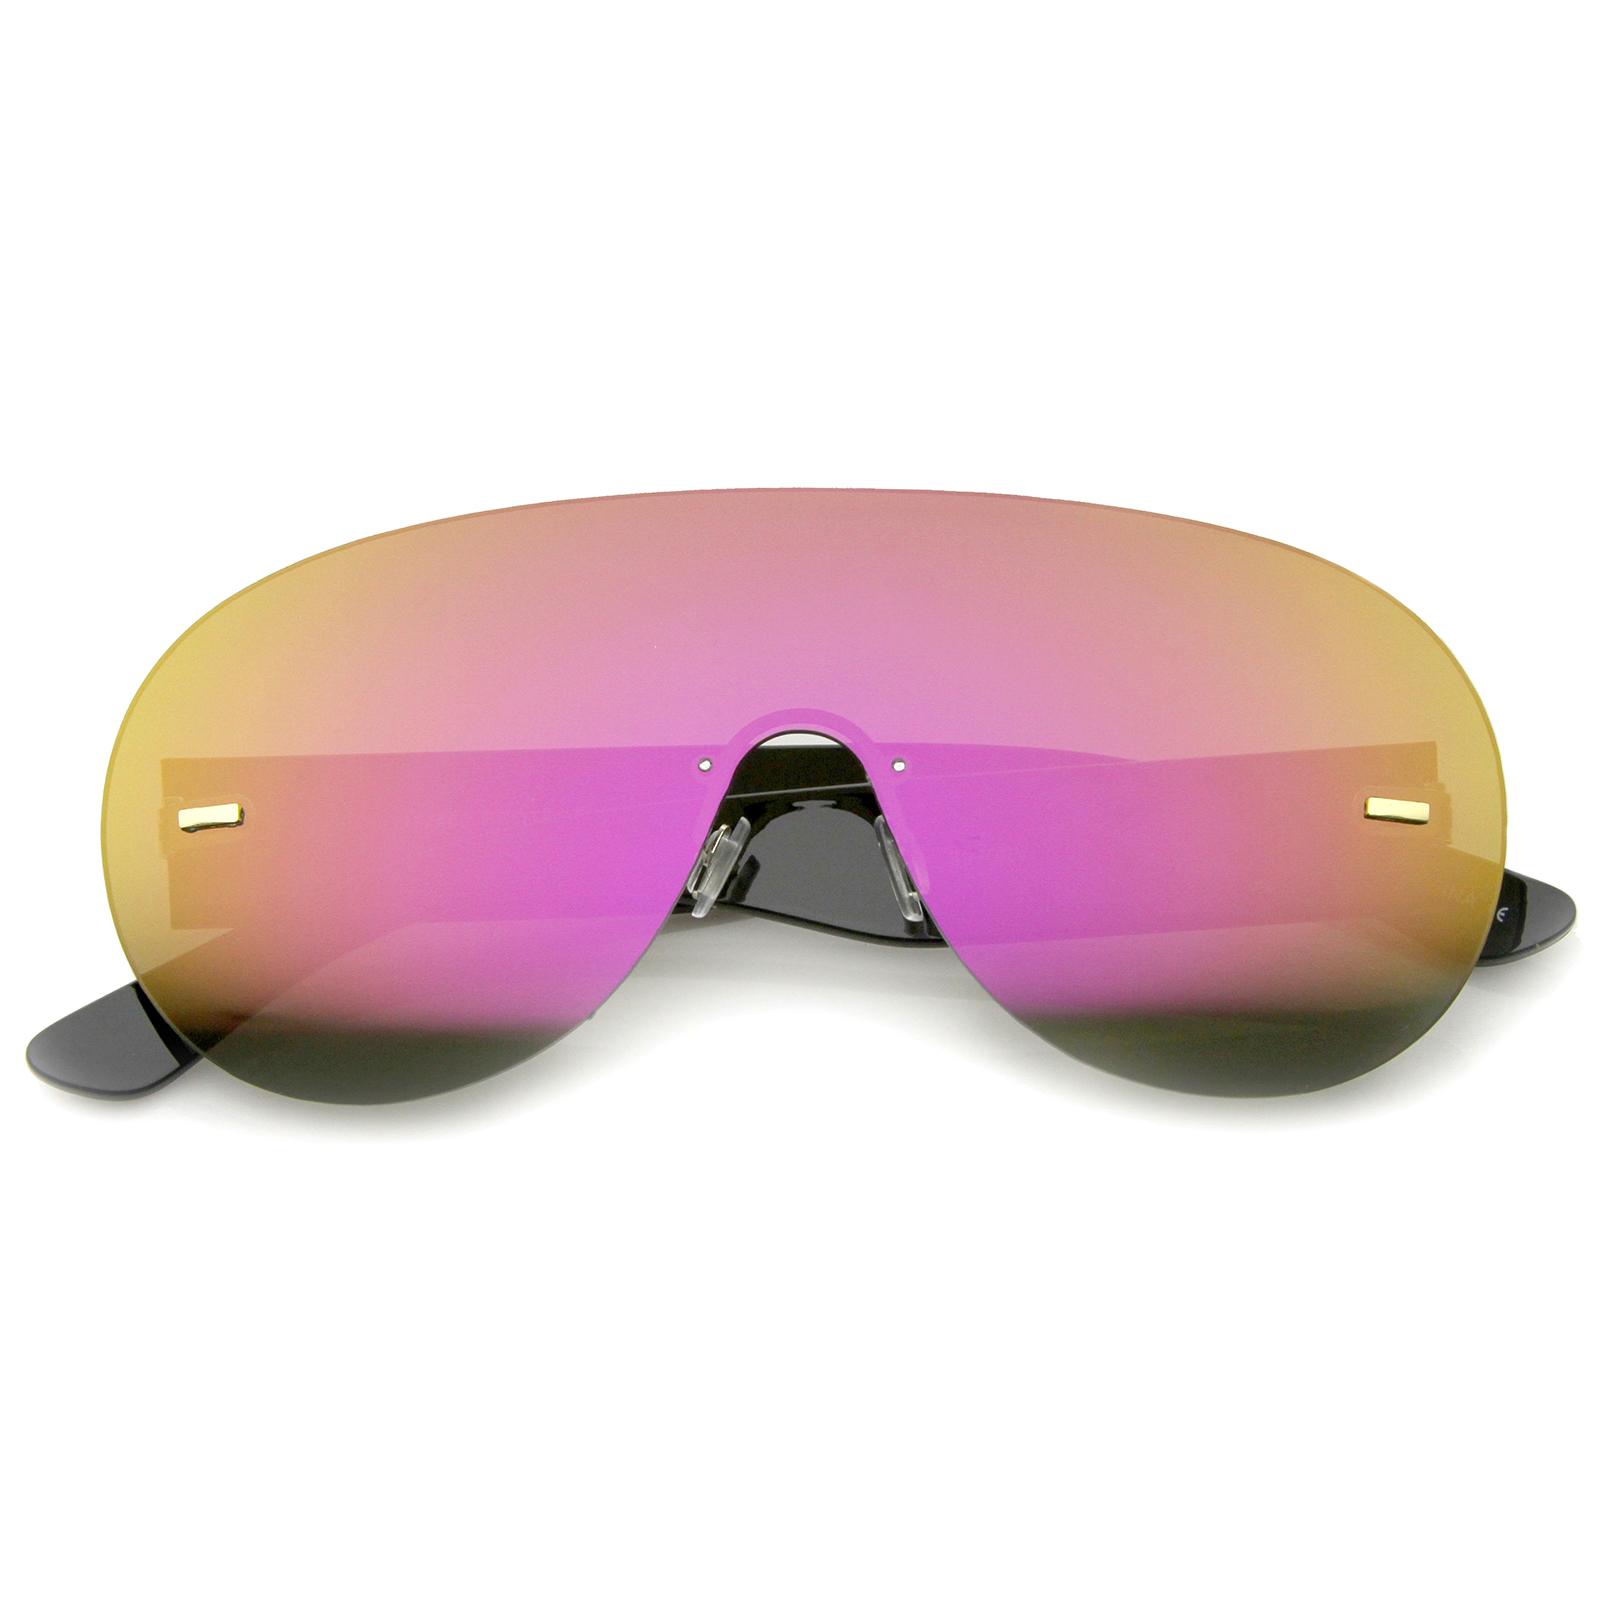 sunglass.la futuristas Sin Montura Marco Mono lentes aviador Shield ...